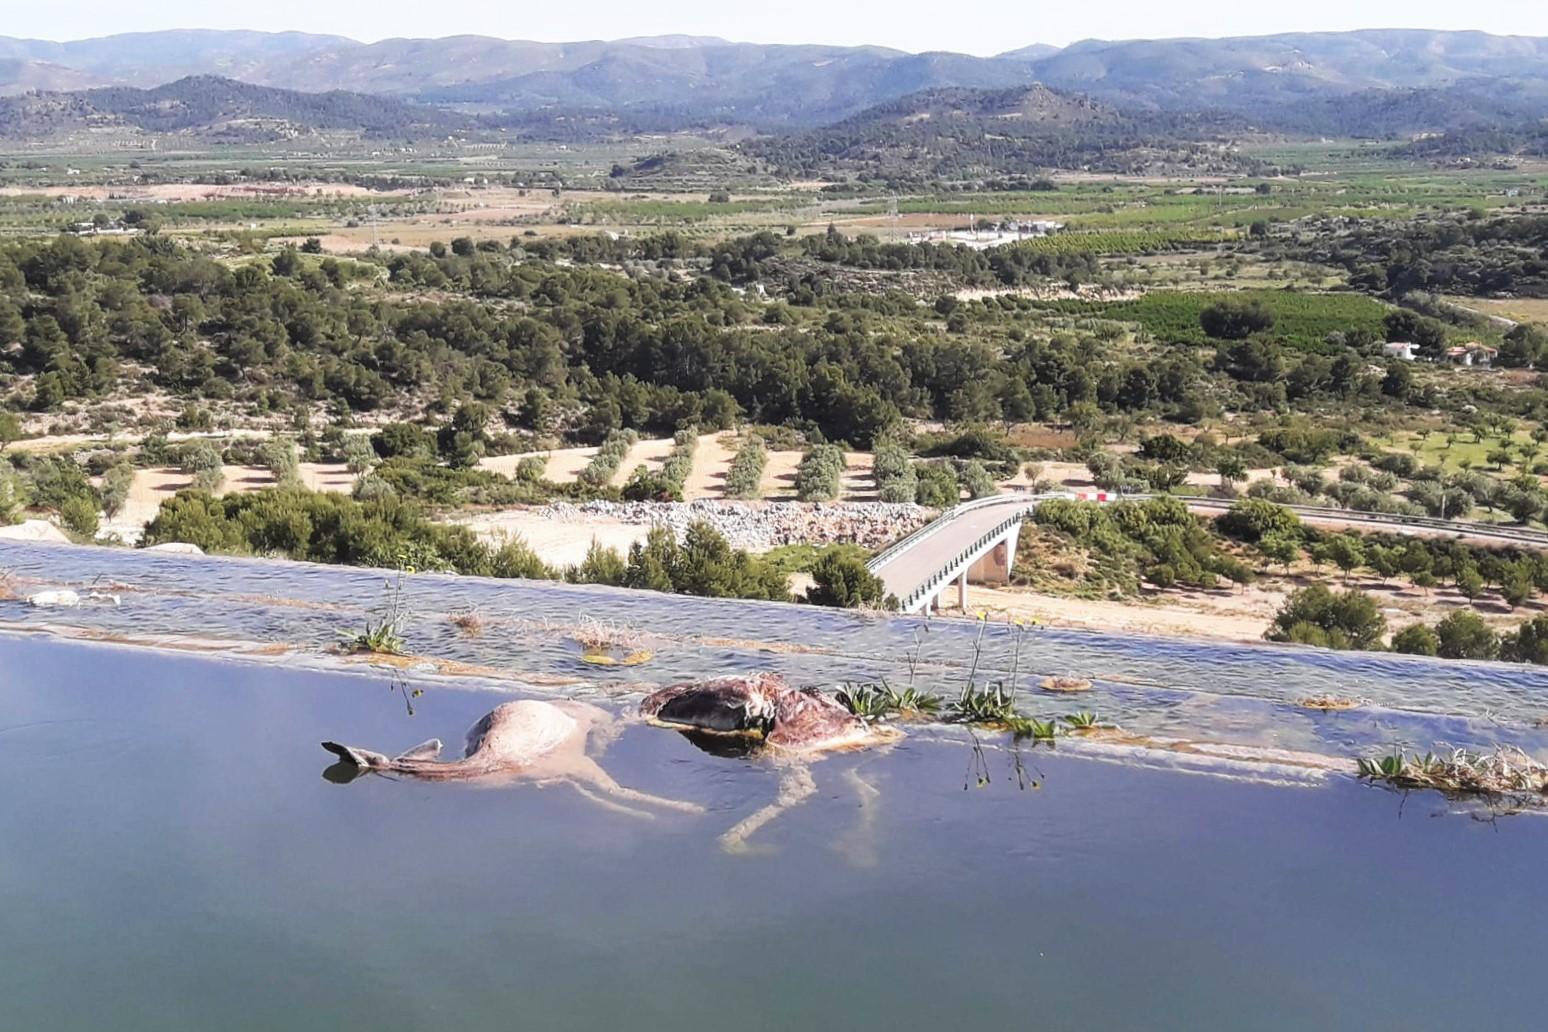 Corzos ahogados en el canal del Turia. Imagen: Adensva